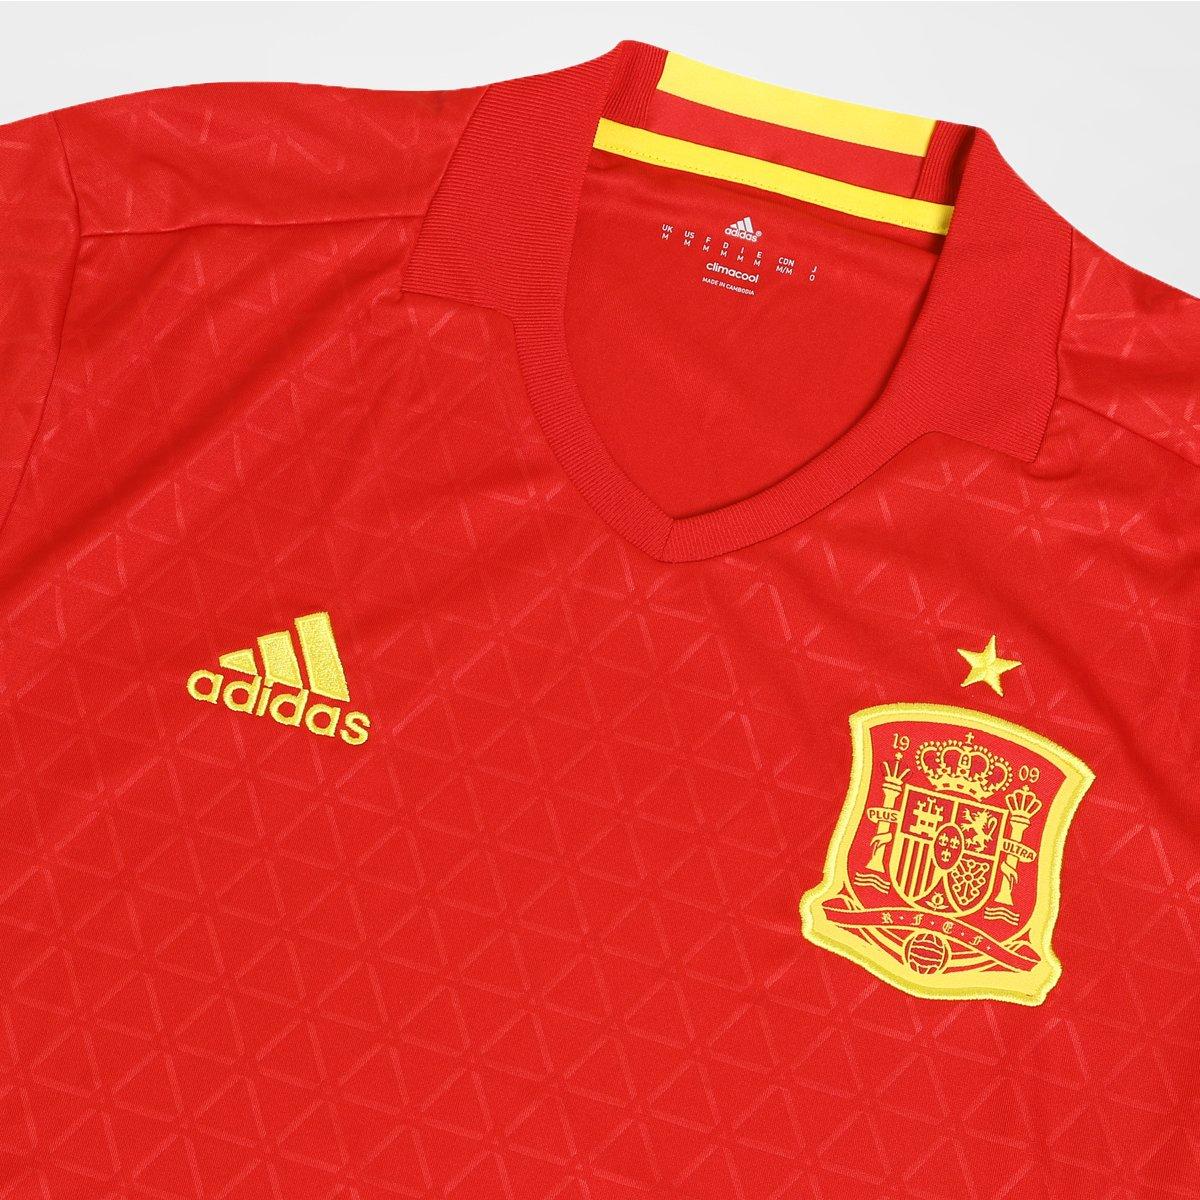 cc000c9603 Camisa Seleção Espanha Home 2016 s nº Torcedor Adidas Masculina ...